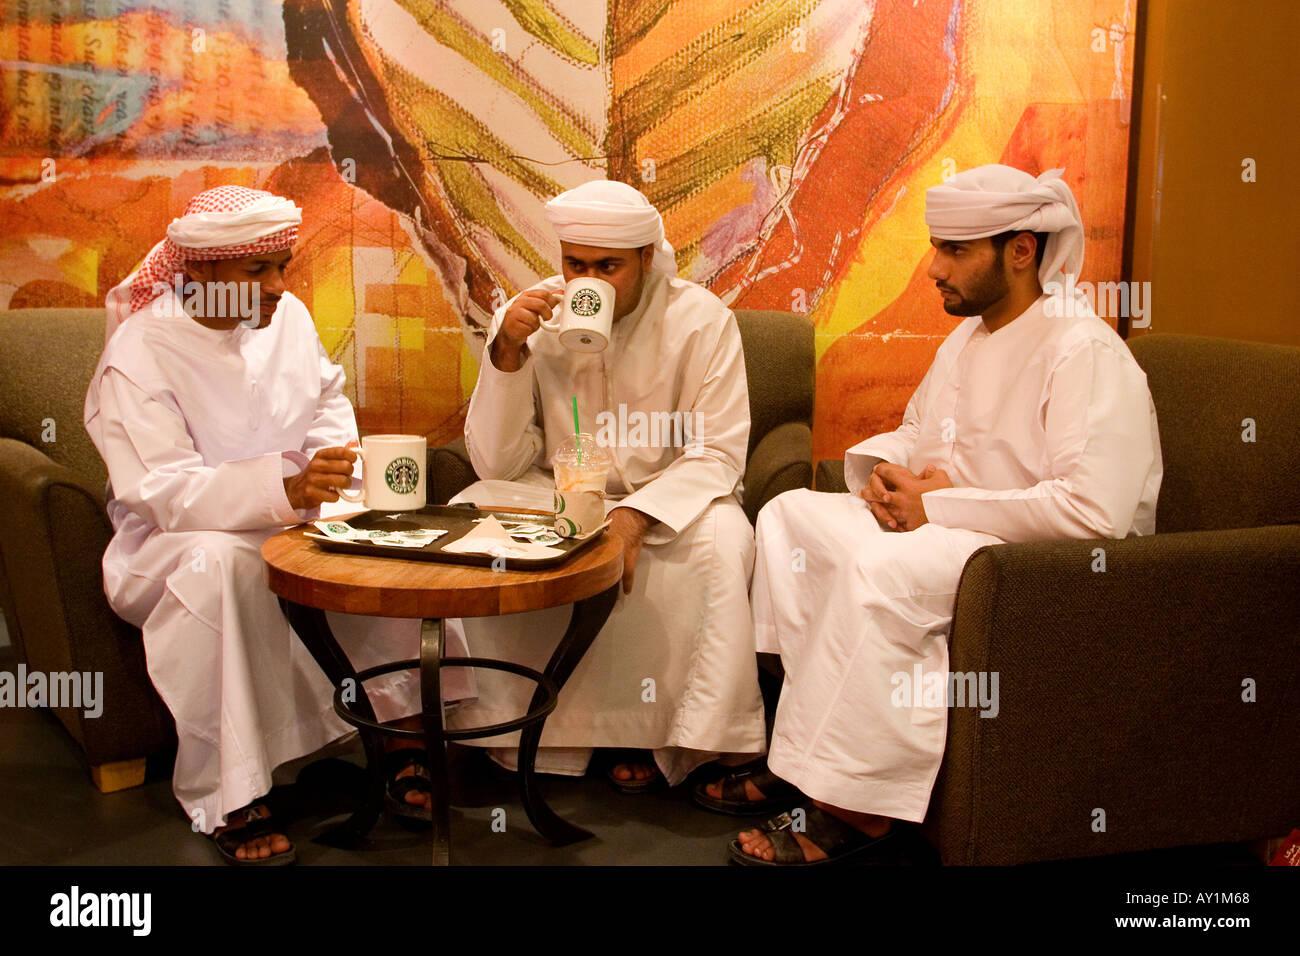 Giovani uomini arabi con abito tradizionale udienza presso Starbucks Cafe nel centro commerciale Deira City Centre Dubai Emirati Arabi Uniti Immagini Stock